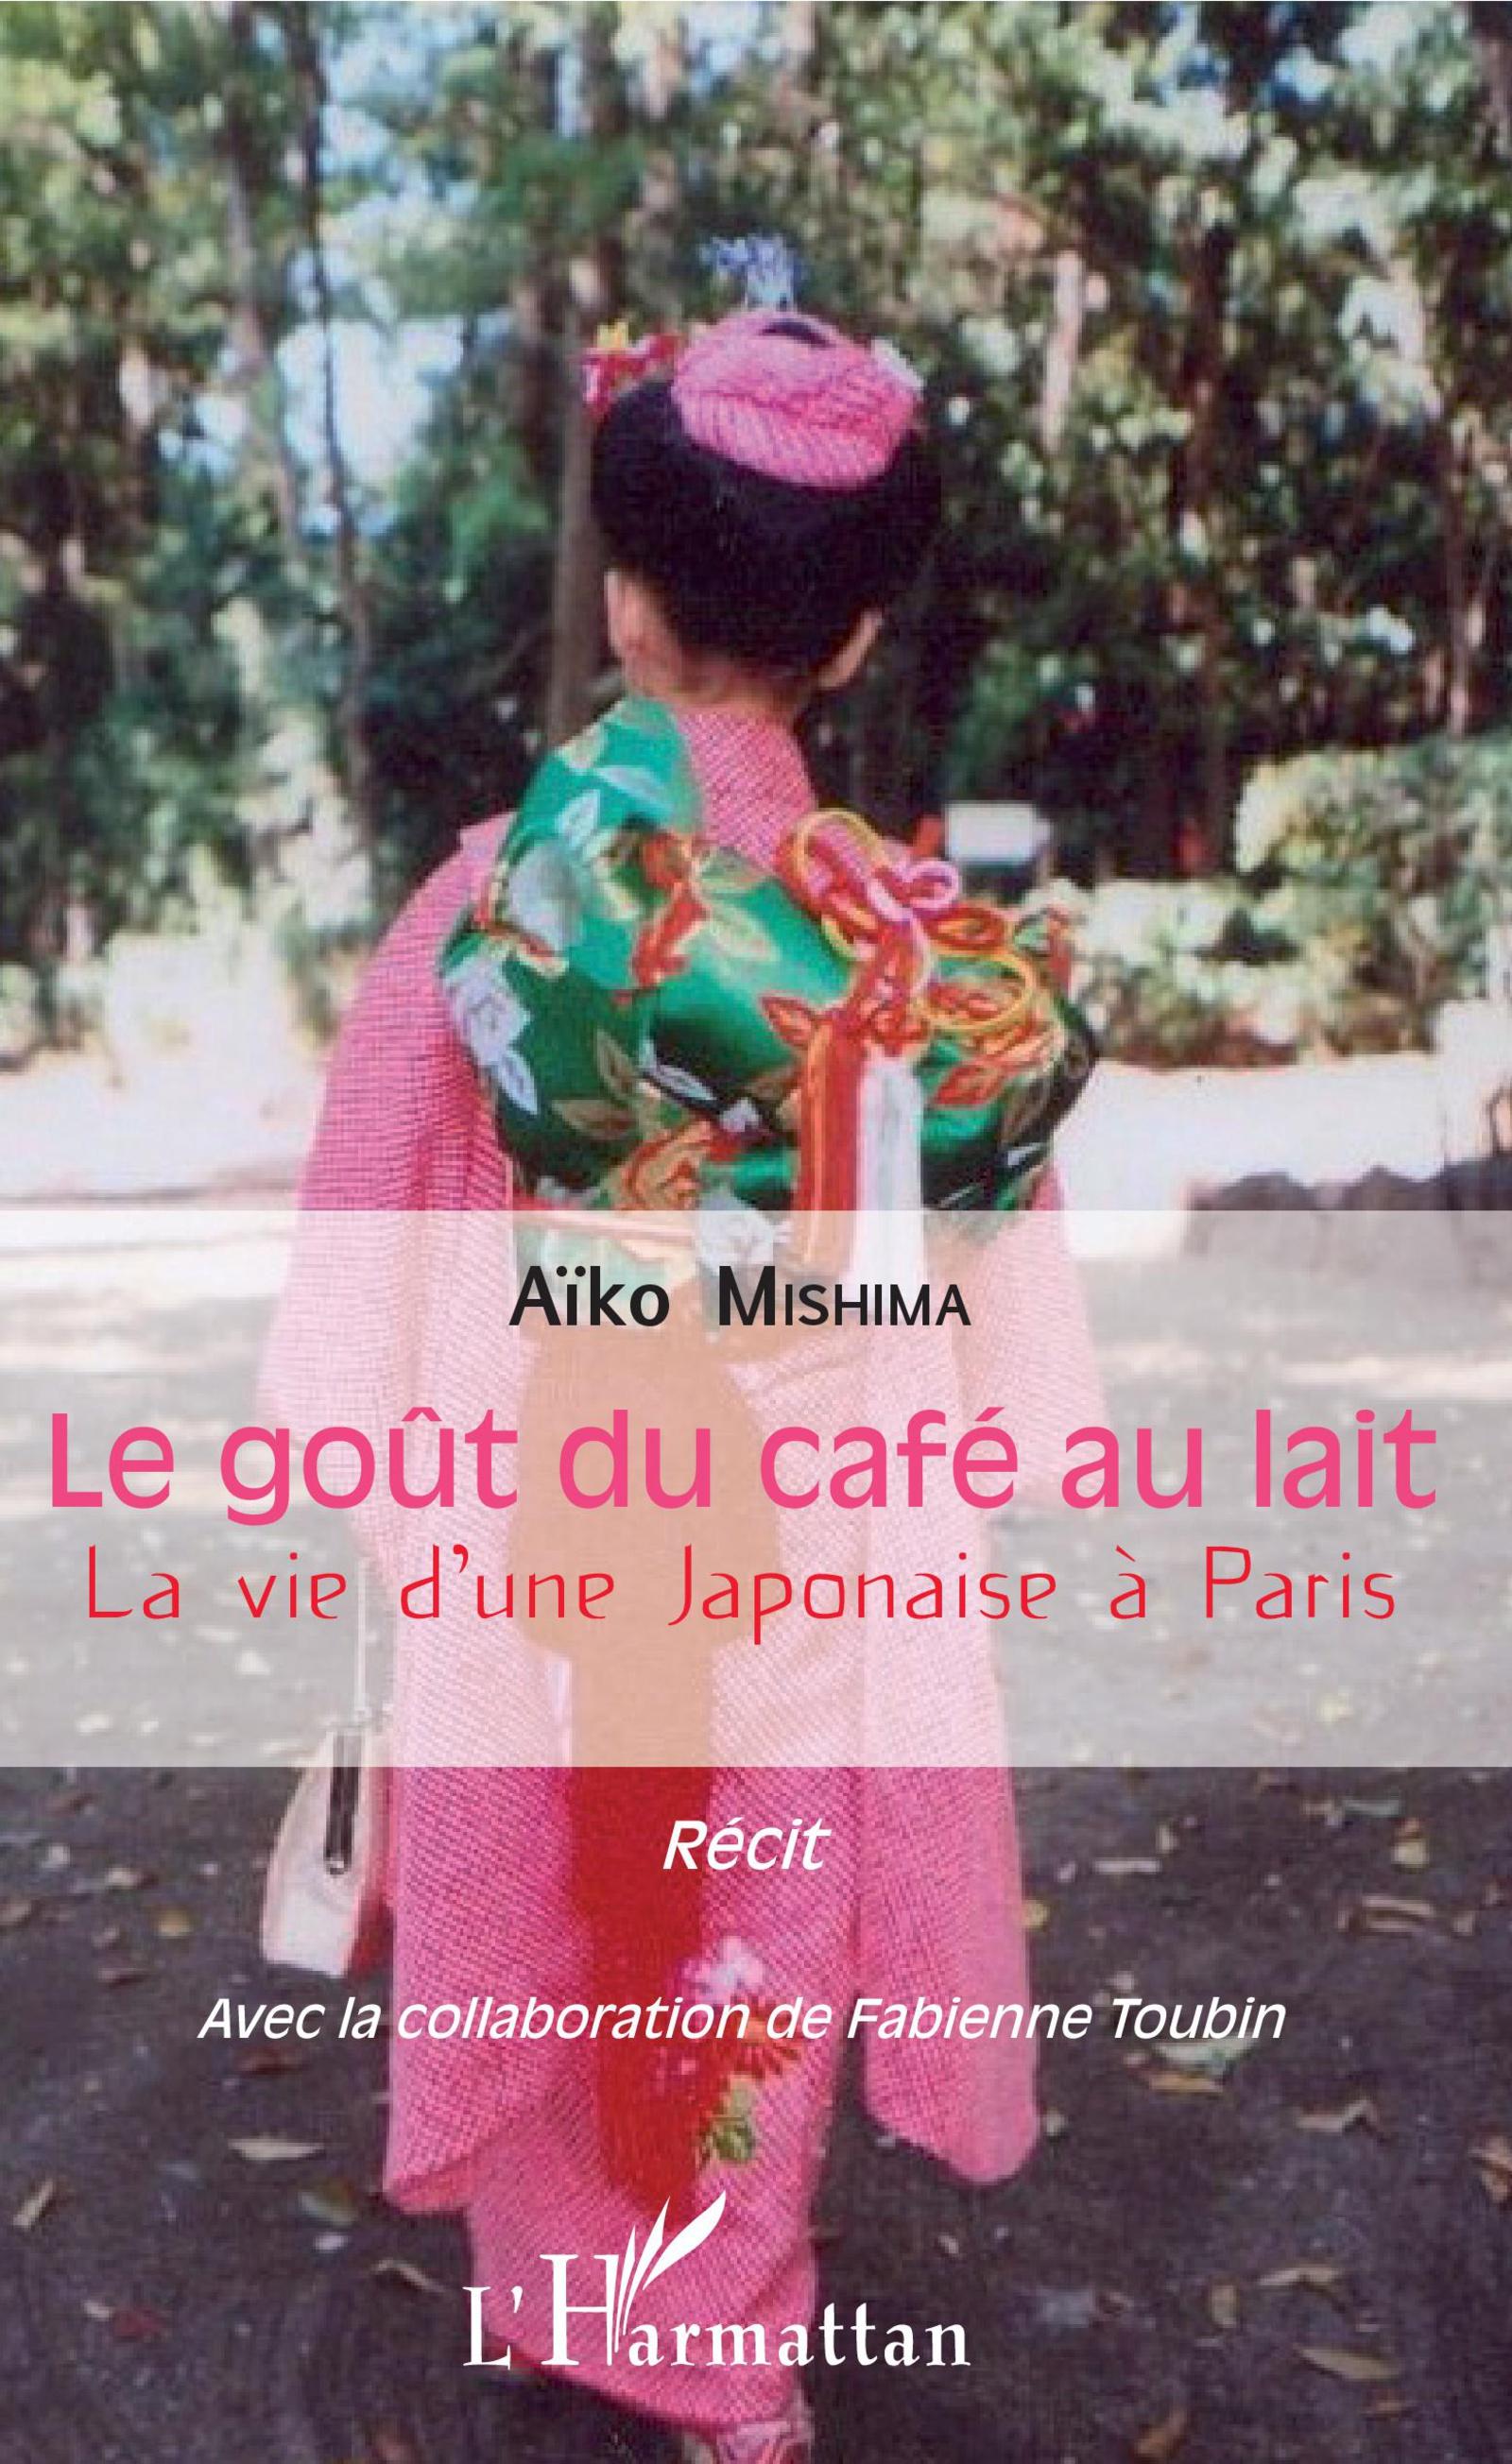 Le Japon pratique – Page 2 – Forums et infos sur le Japon f1802d53238